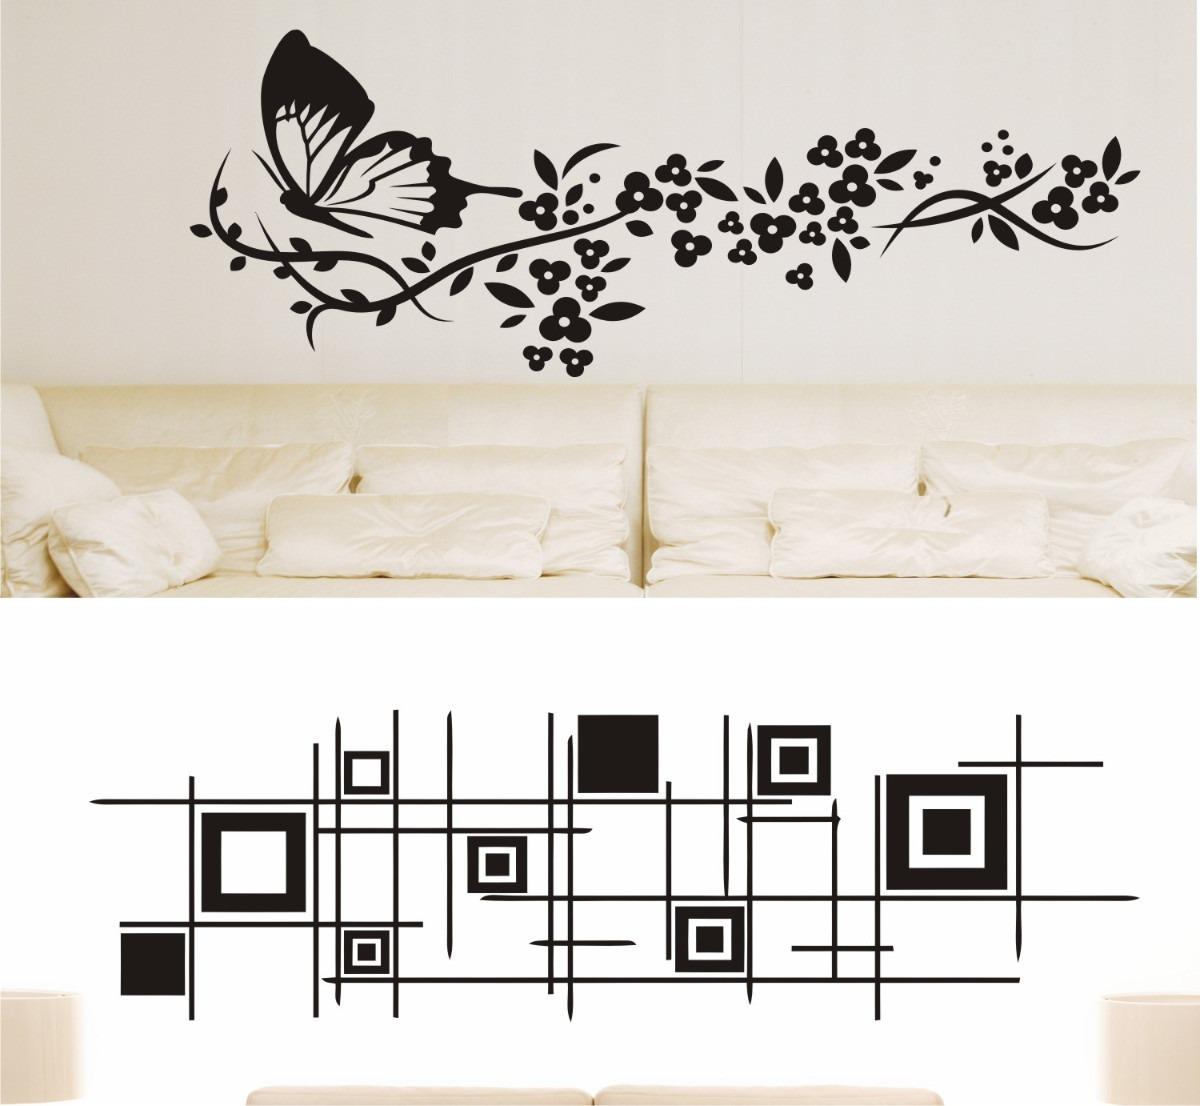 Adesivo De Parede Decorativo Arabescos Floral Flores R 36 89 Em  -> Adesivo Parede Sala Estar